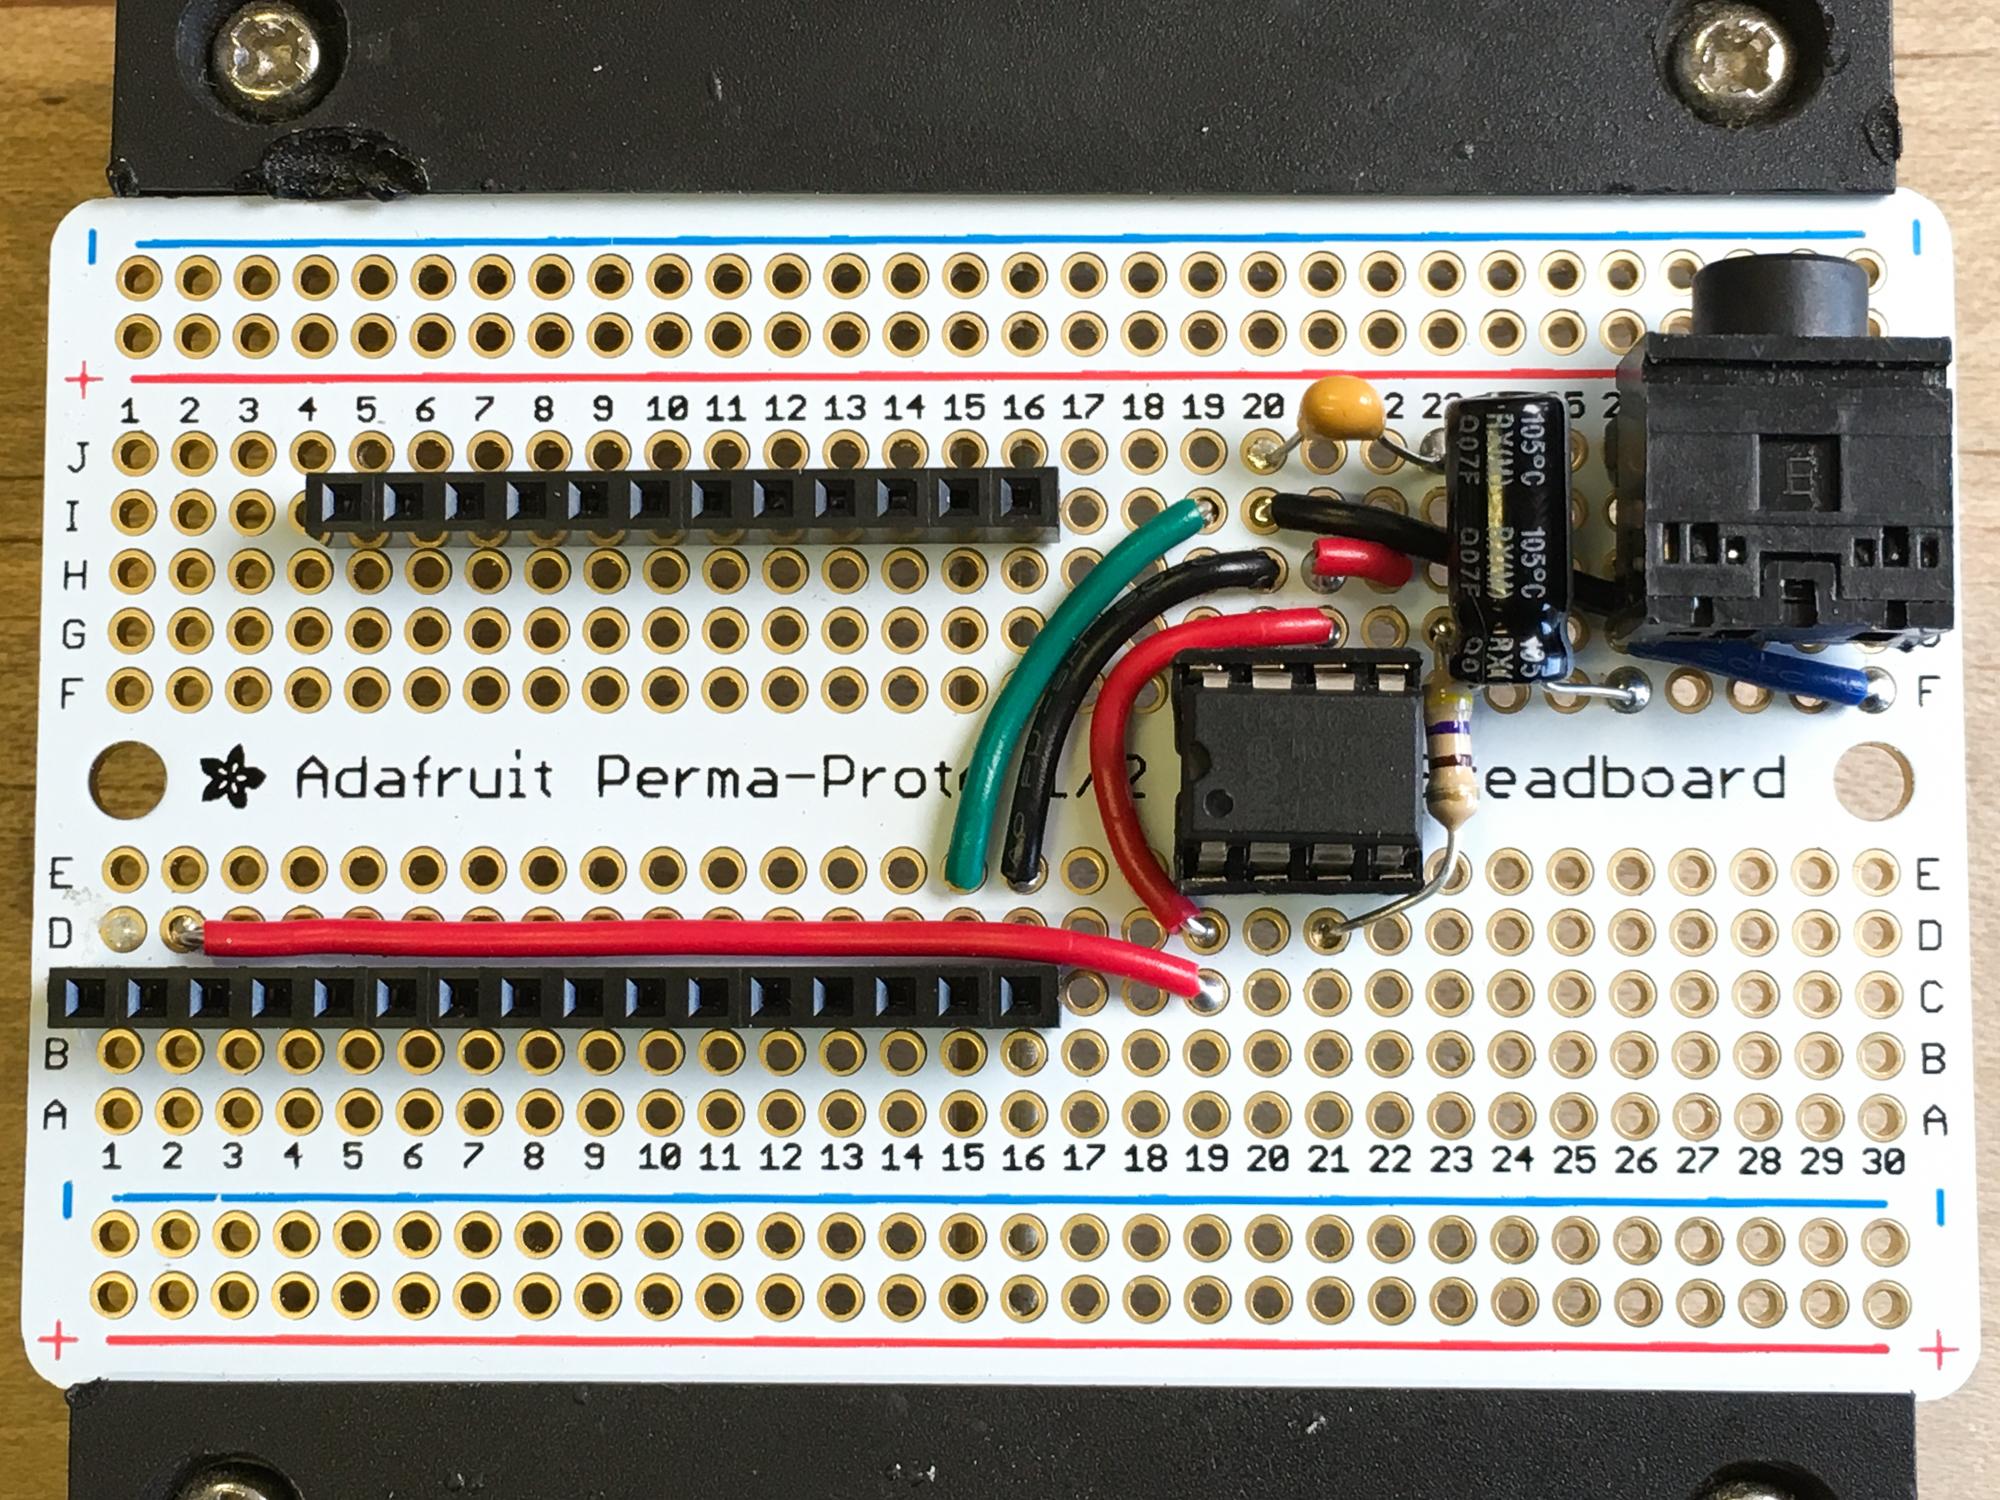 microcontrollers_IMG_1792_2k.jpg